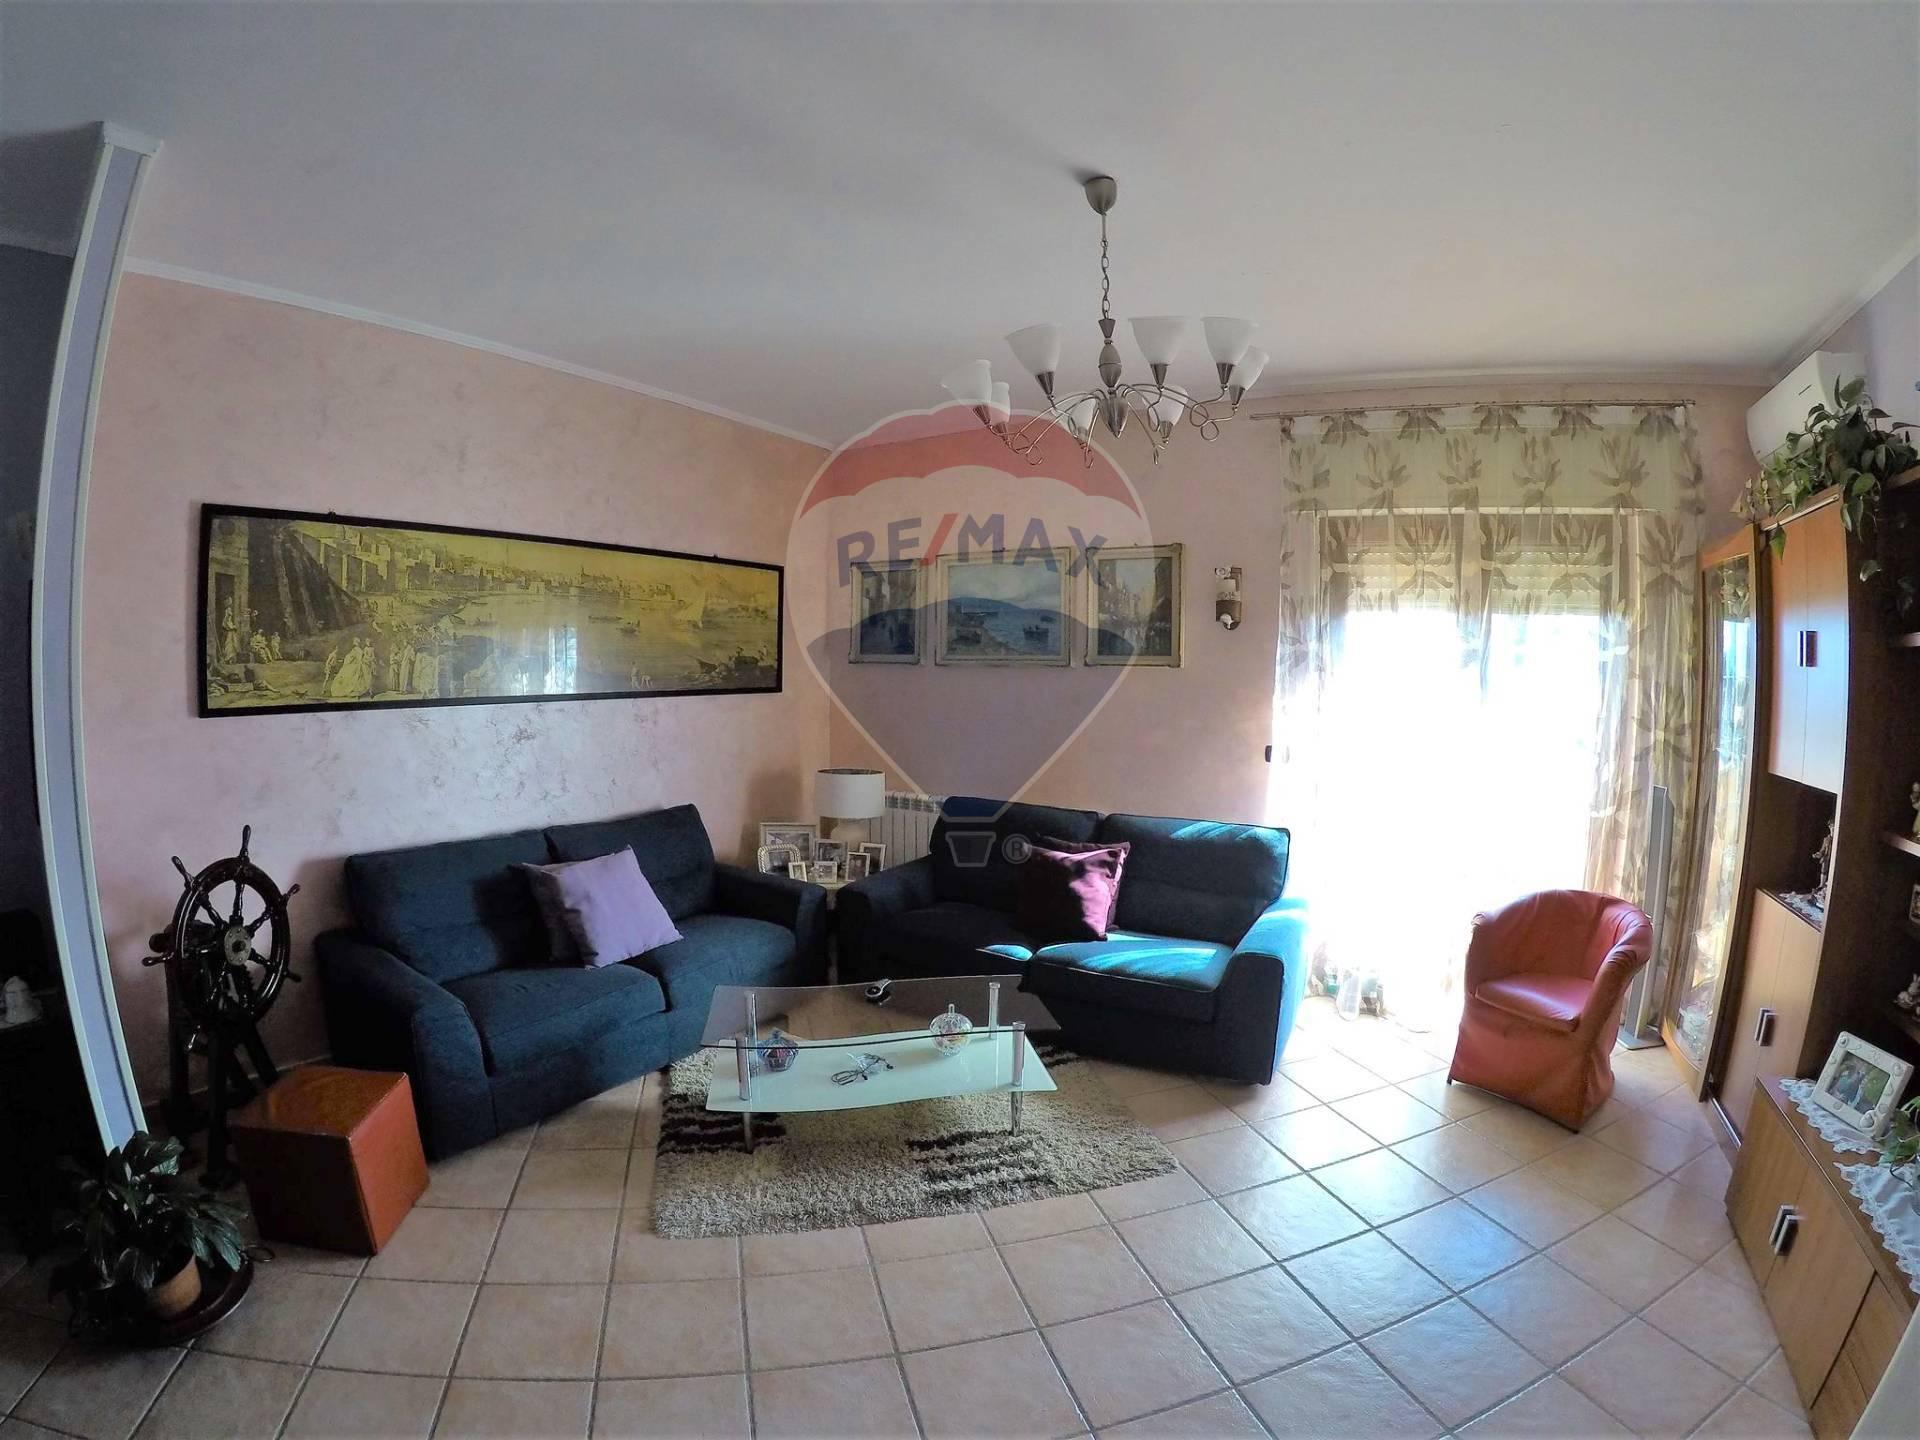 Appartamento in vendita a Anzio, 4 locali, zona Località: VillaClaudia, prezzo € 139.000 | CambioCasa.it